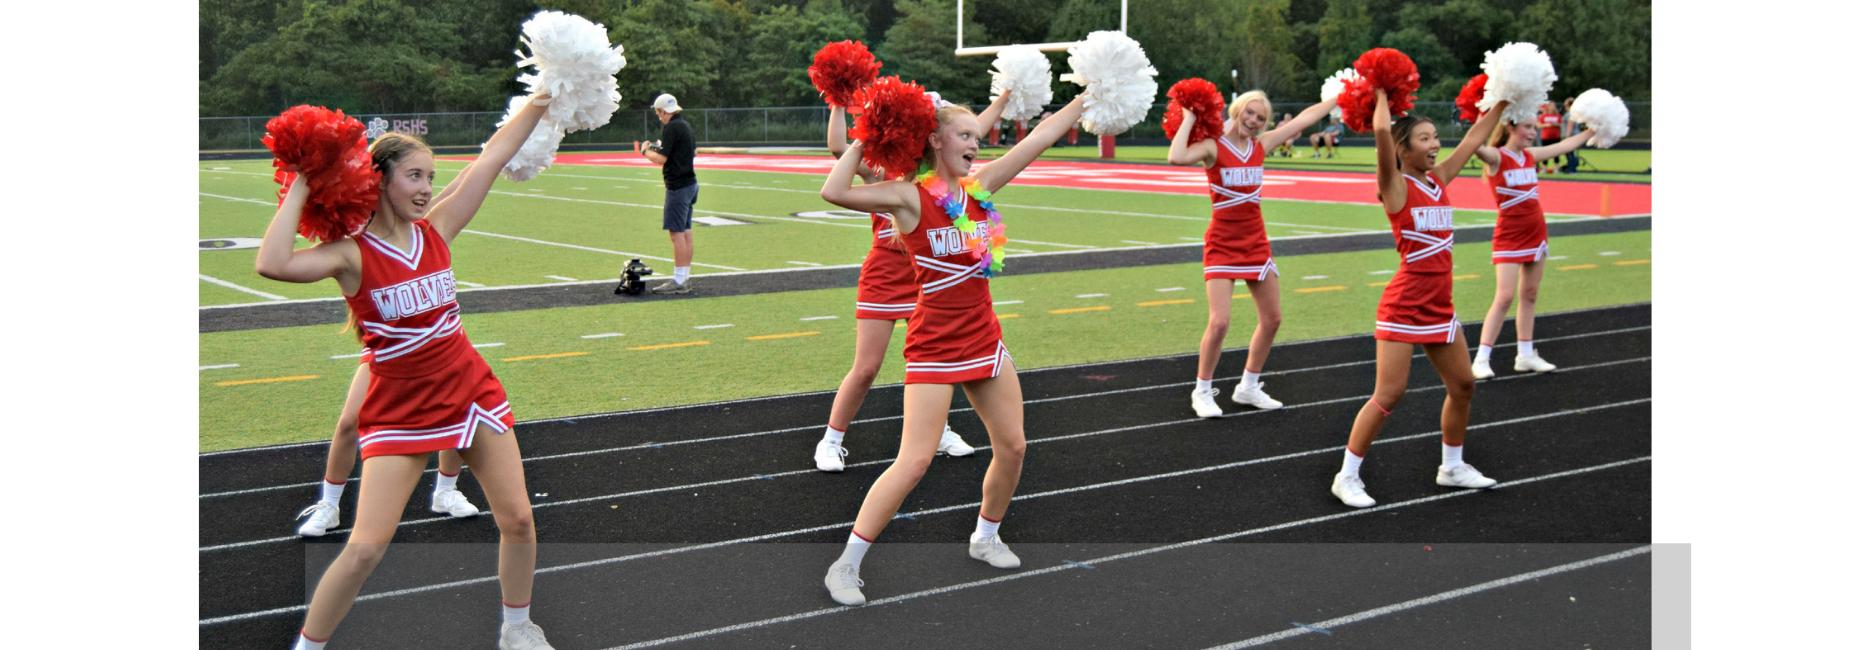 RSHS Cheerleaders